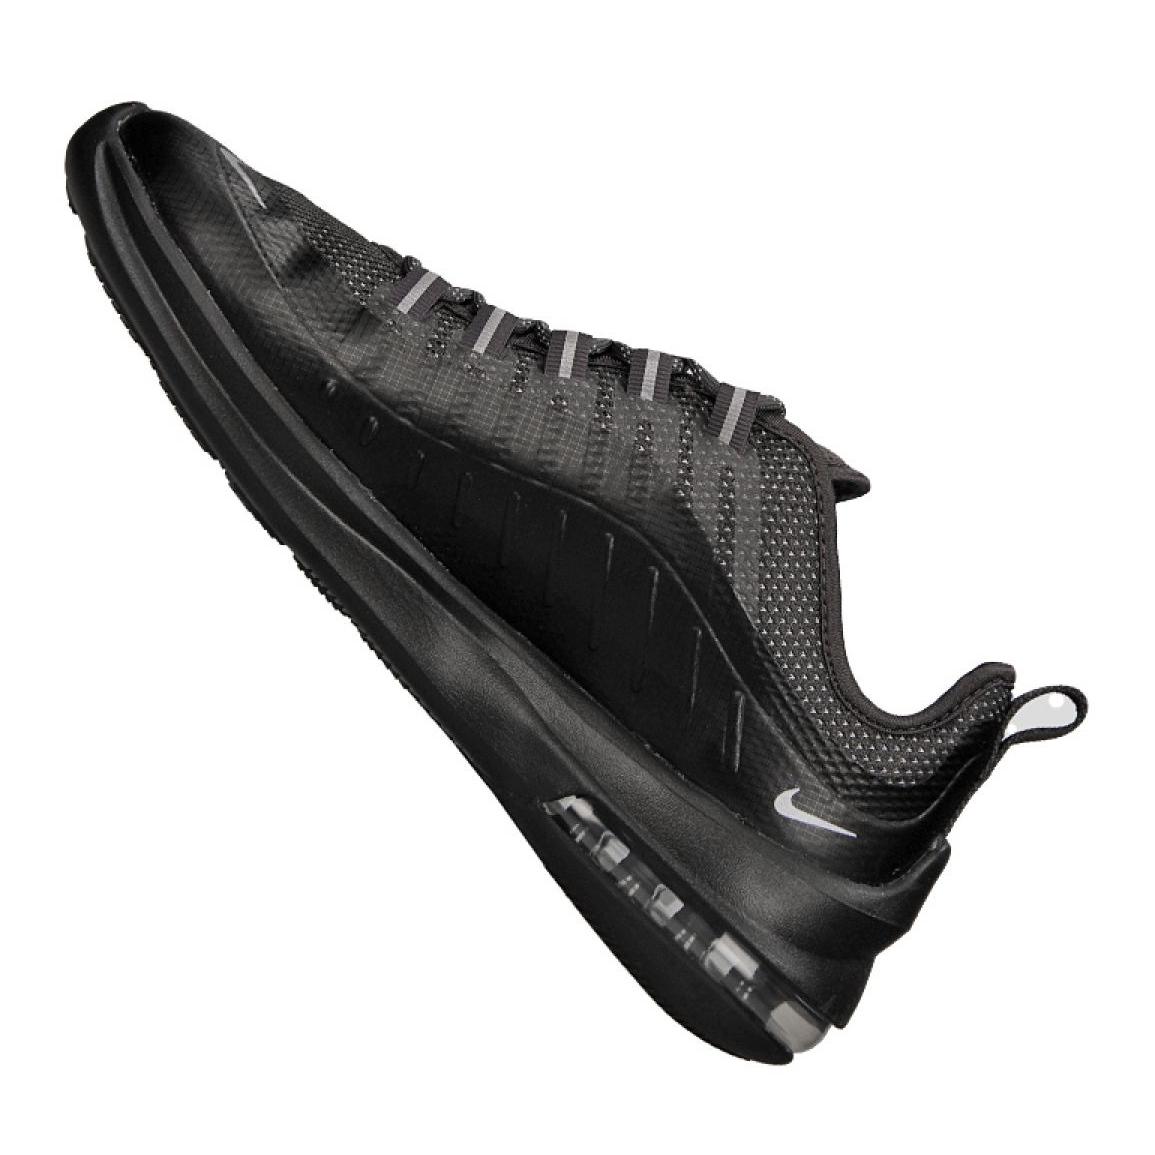 Nike Air Max Axis Premium M AA2148 009 skor svart